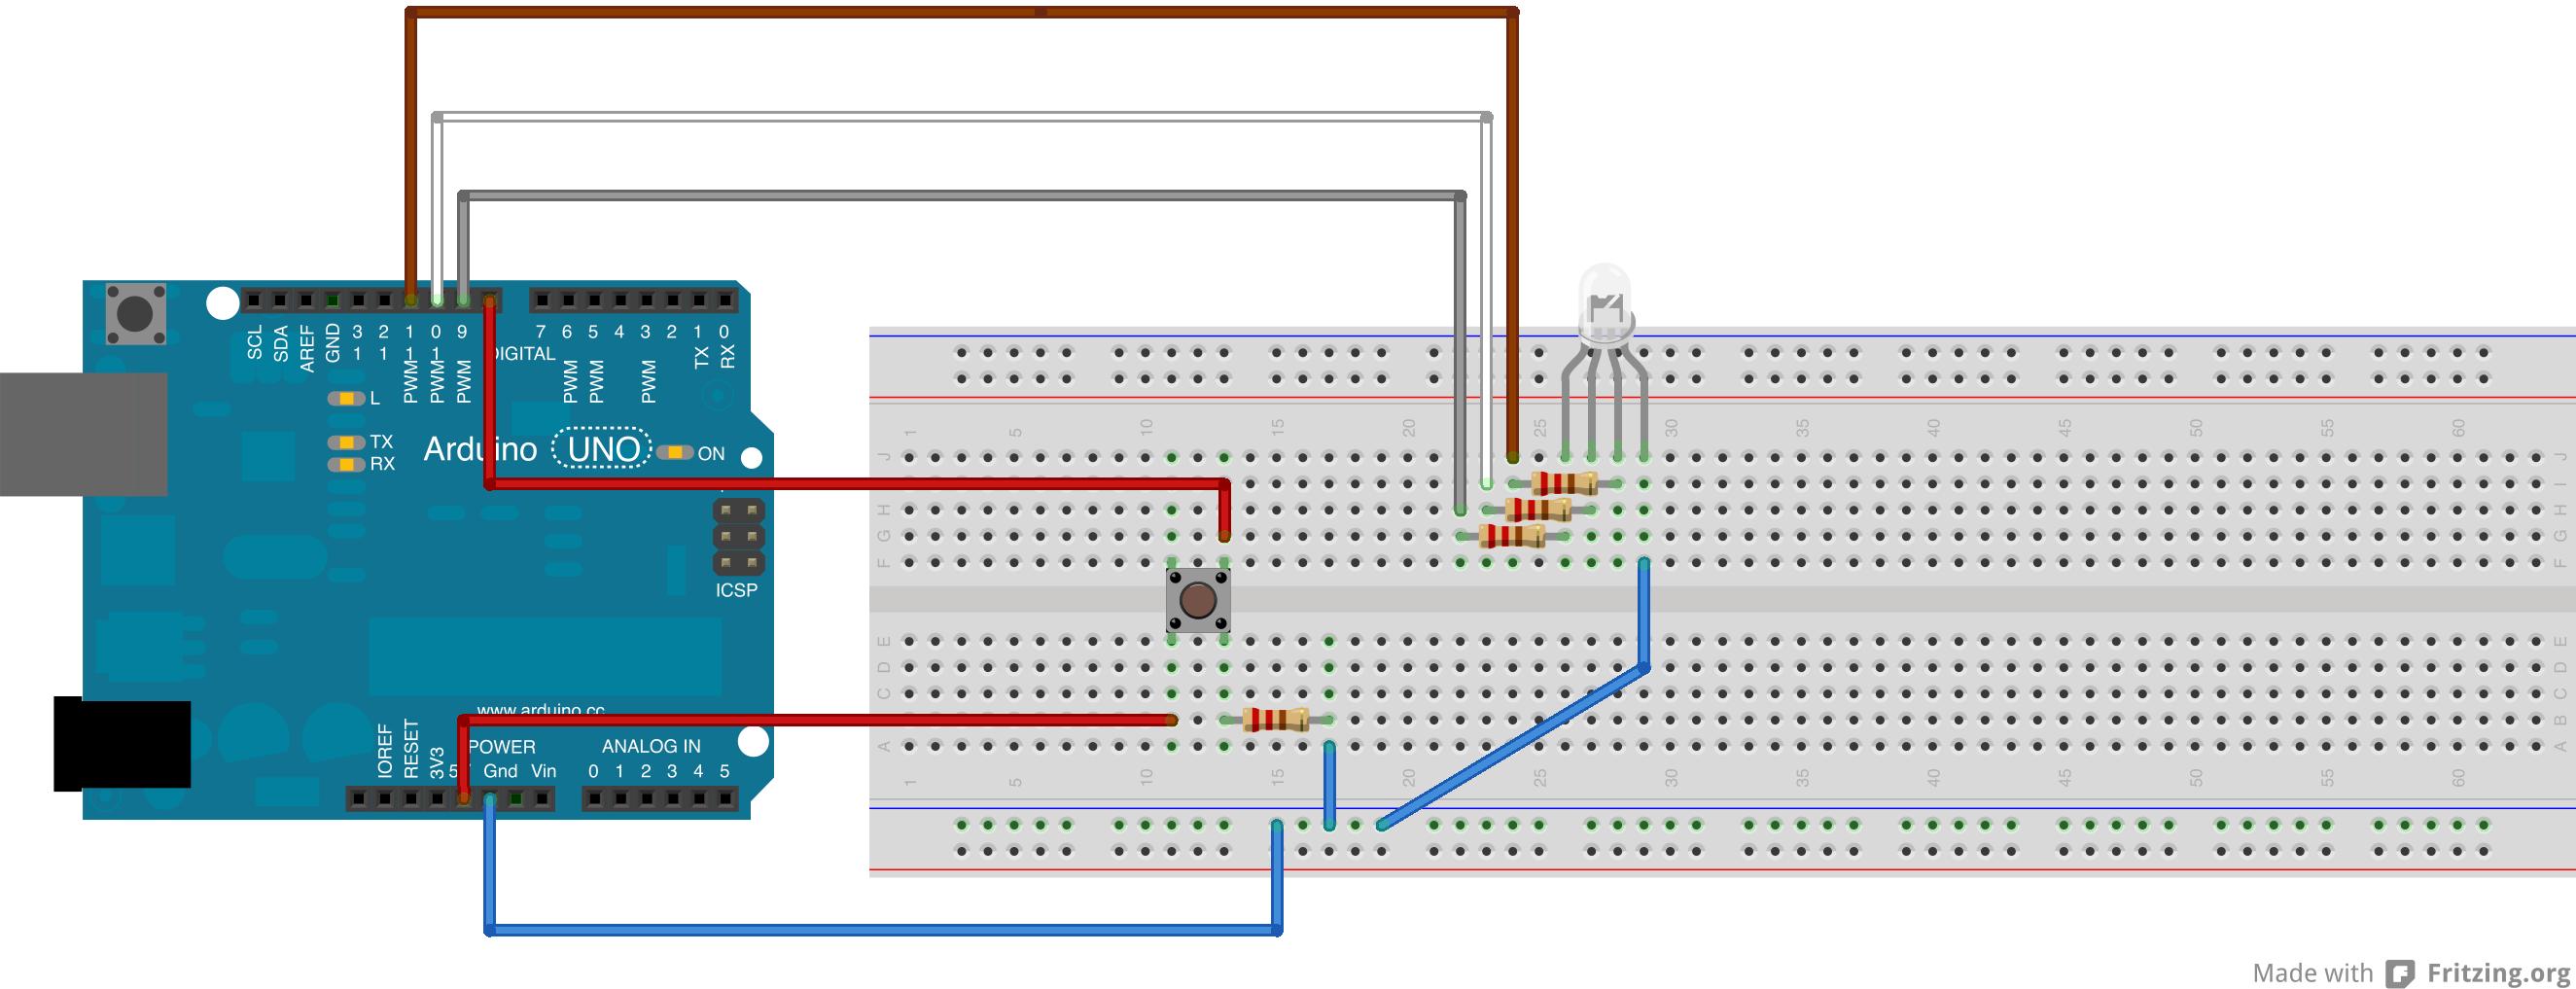 Nummer 5 Lebt Oder Wie Mein Arduino Board Mit Javascript Gesteuert Schematic Of The Rgb Led Circuit Rgbled Steckplatine Kopie